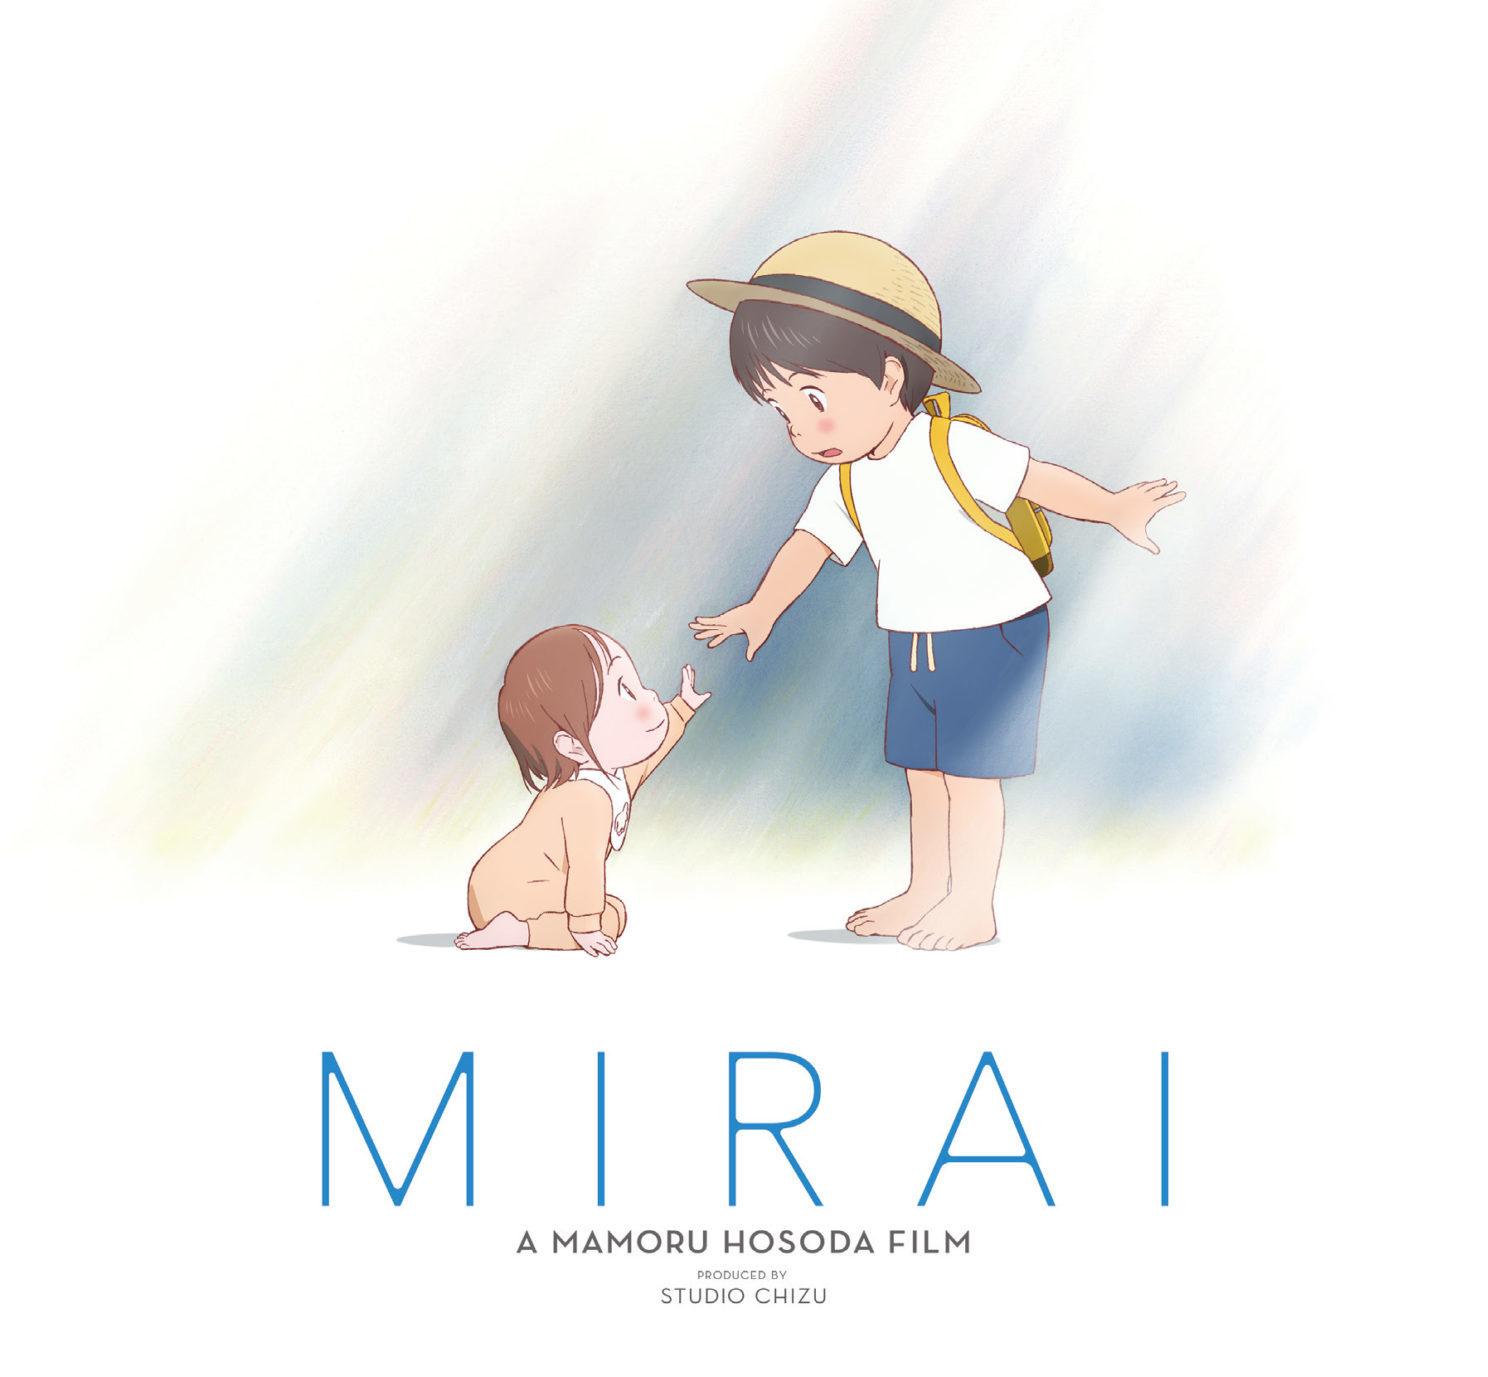 mirai estreno - película anime & manga